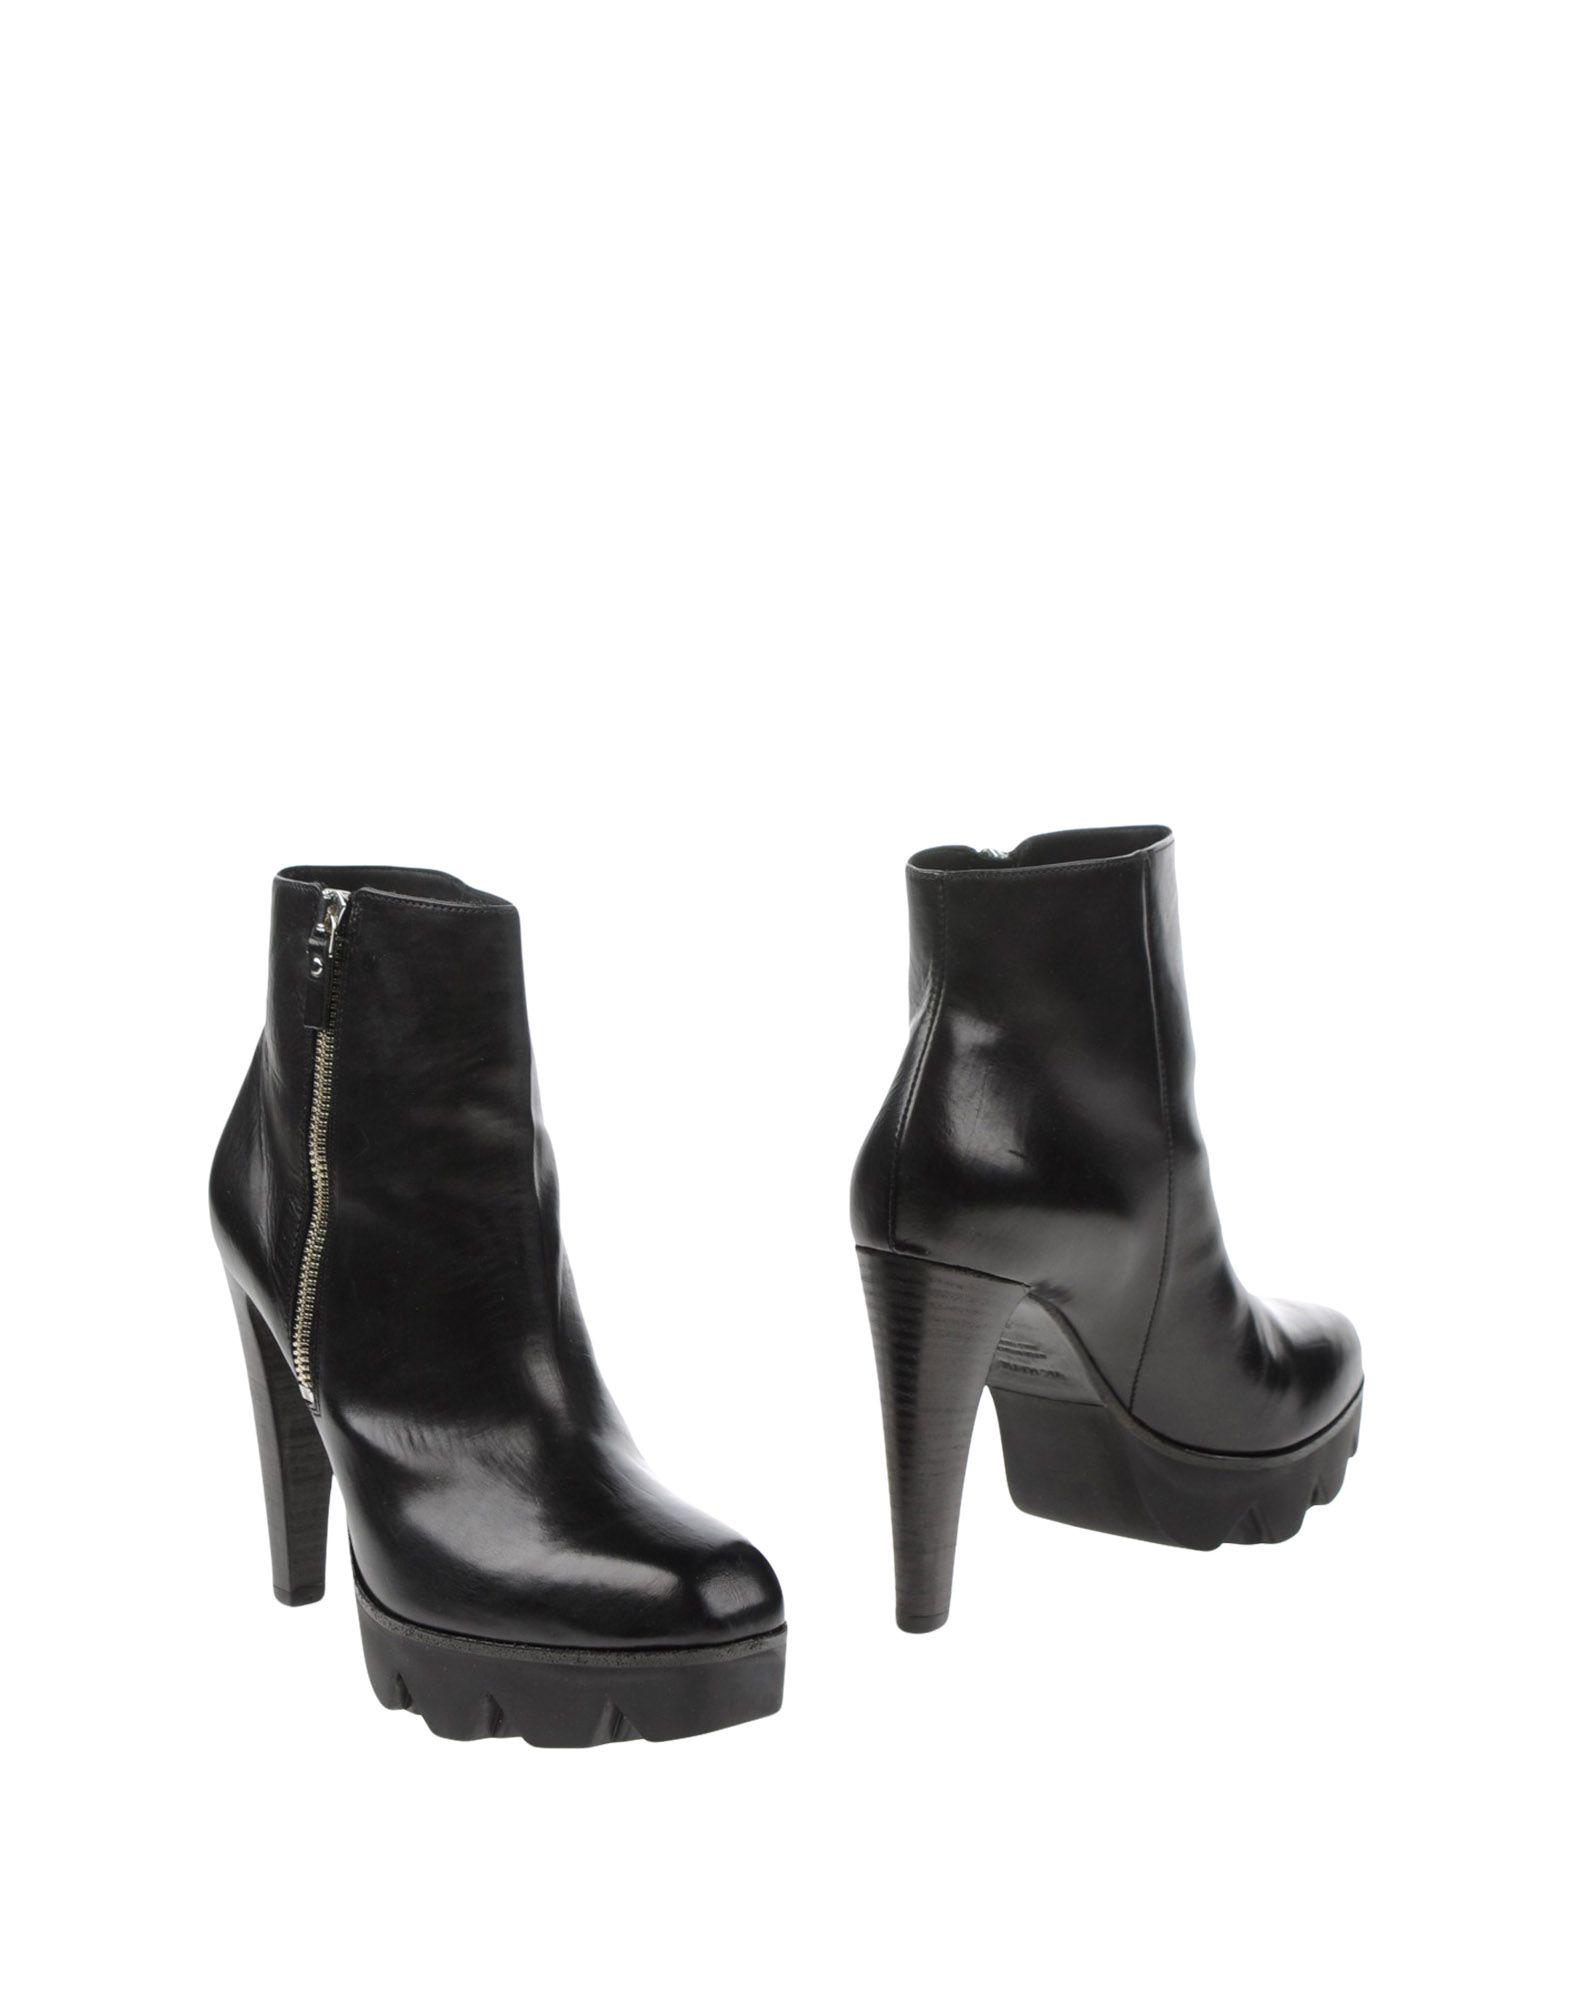 Rabatt Schuhe  Vic Matiē Stiefelette Damen  Schuhe 11214656VT 4da0d8